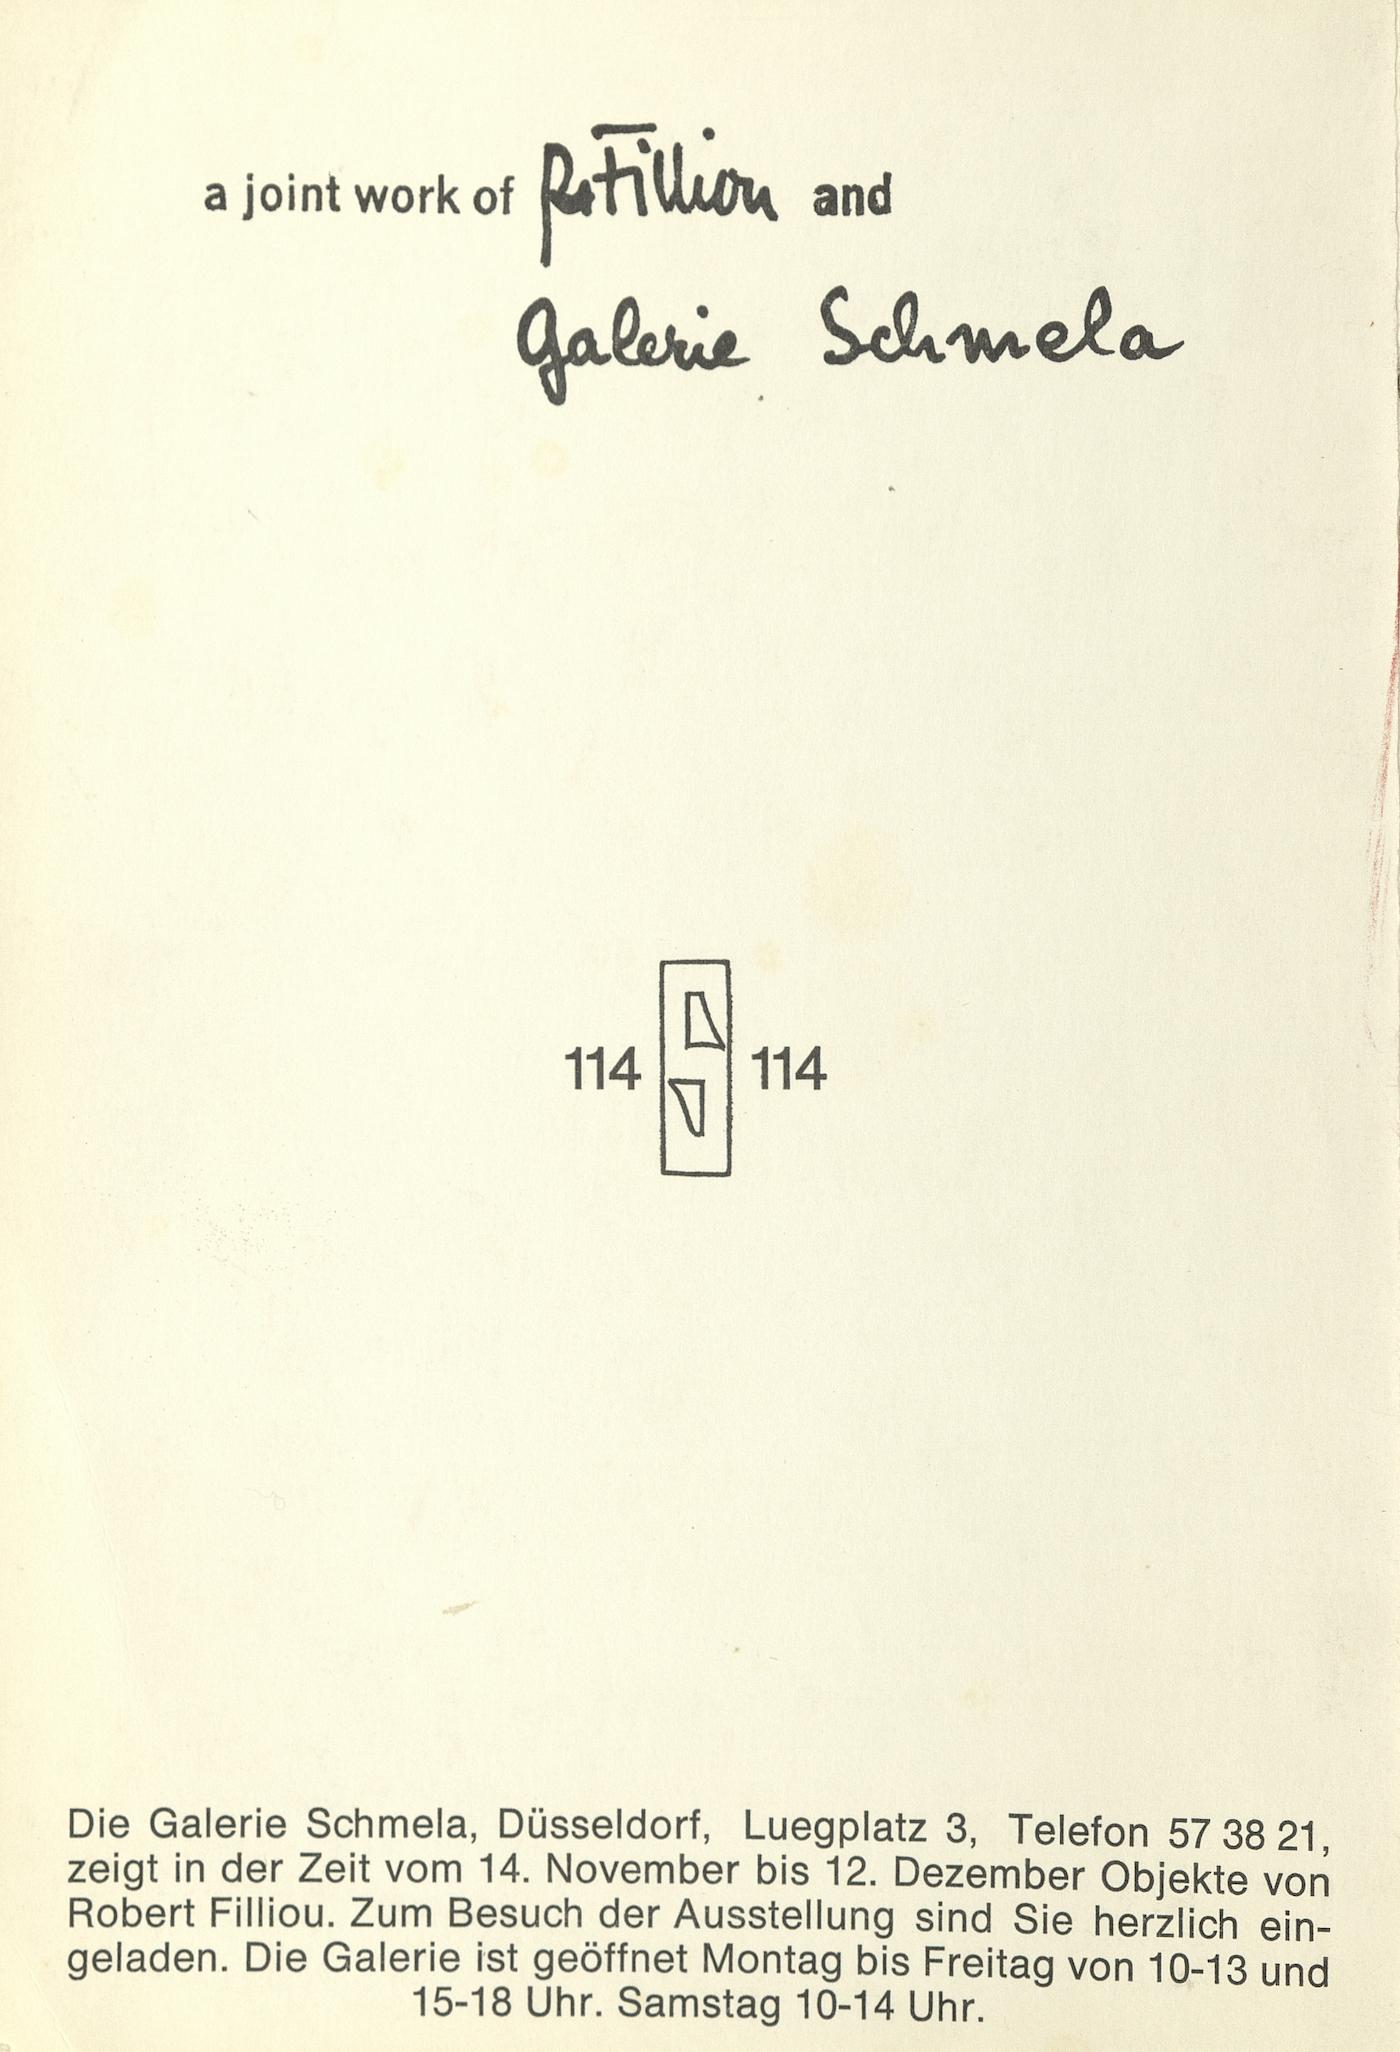 Robert Filliou, Galerie Schmela, Düsseldorf 1970 (Invitation); Archiv der Avantgarden, Staatliche Kunstsammlungen Dresden